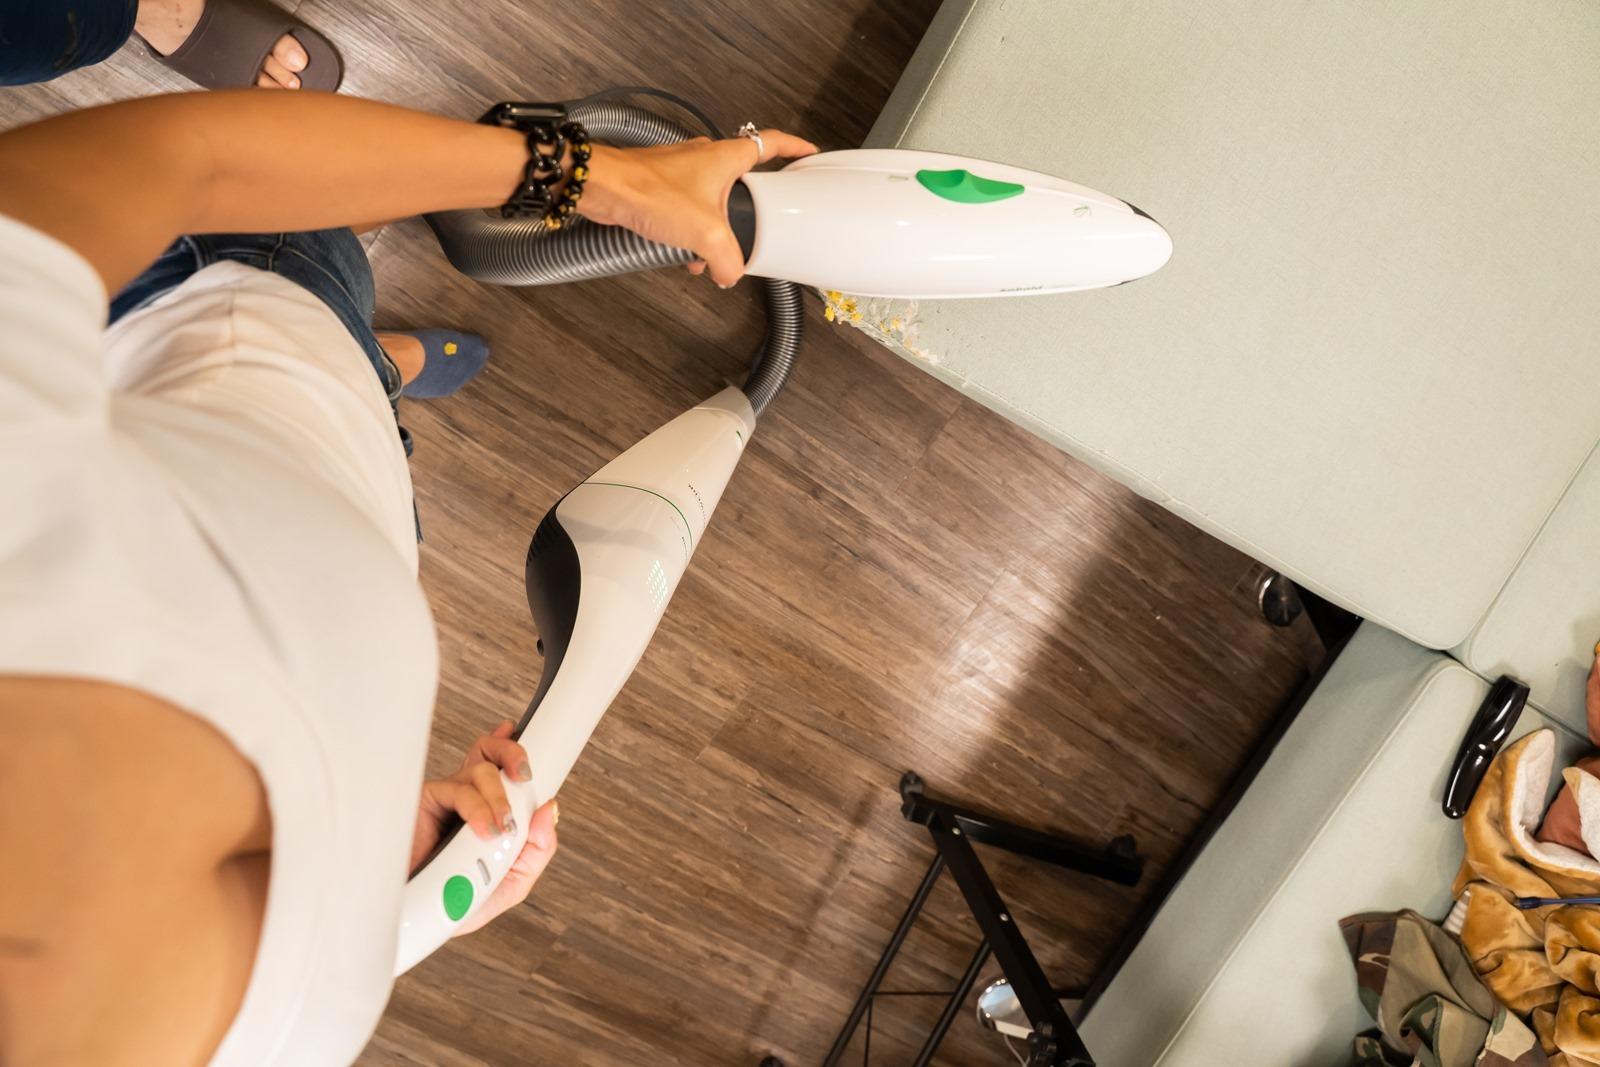 德國研發!福維克百年家電明星 VB100 配件包,史上功能最完整,地板、沙發、窗簾、床舖一次全部深層清潔!(二合一乾擦溼拖吸頭 SPB100 / 沙發布質專用吸頭 PBB100)@3C 達人廖阿輝